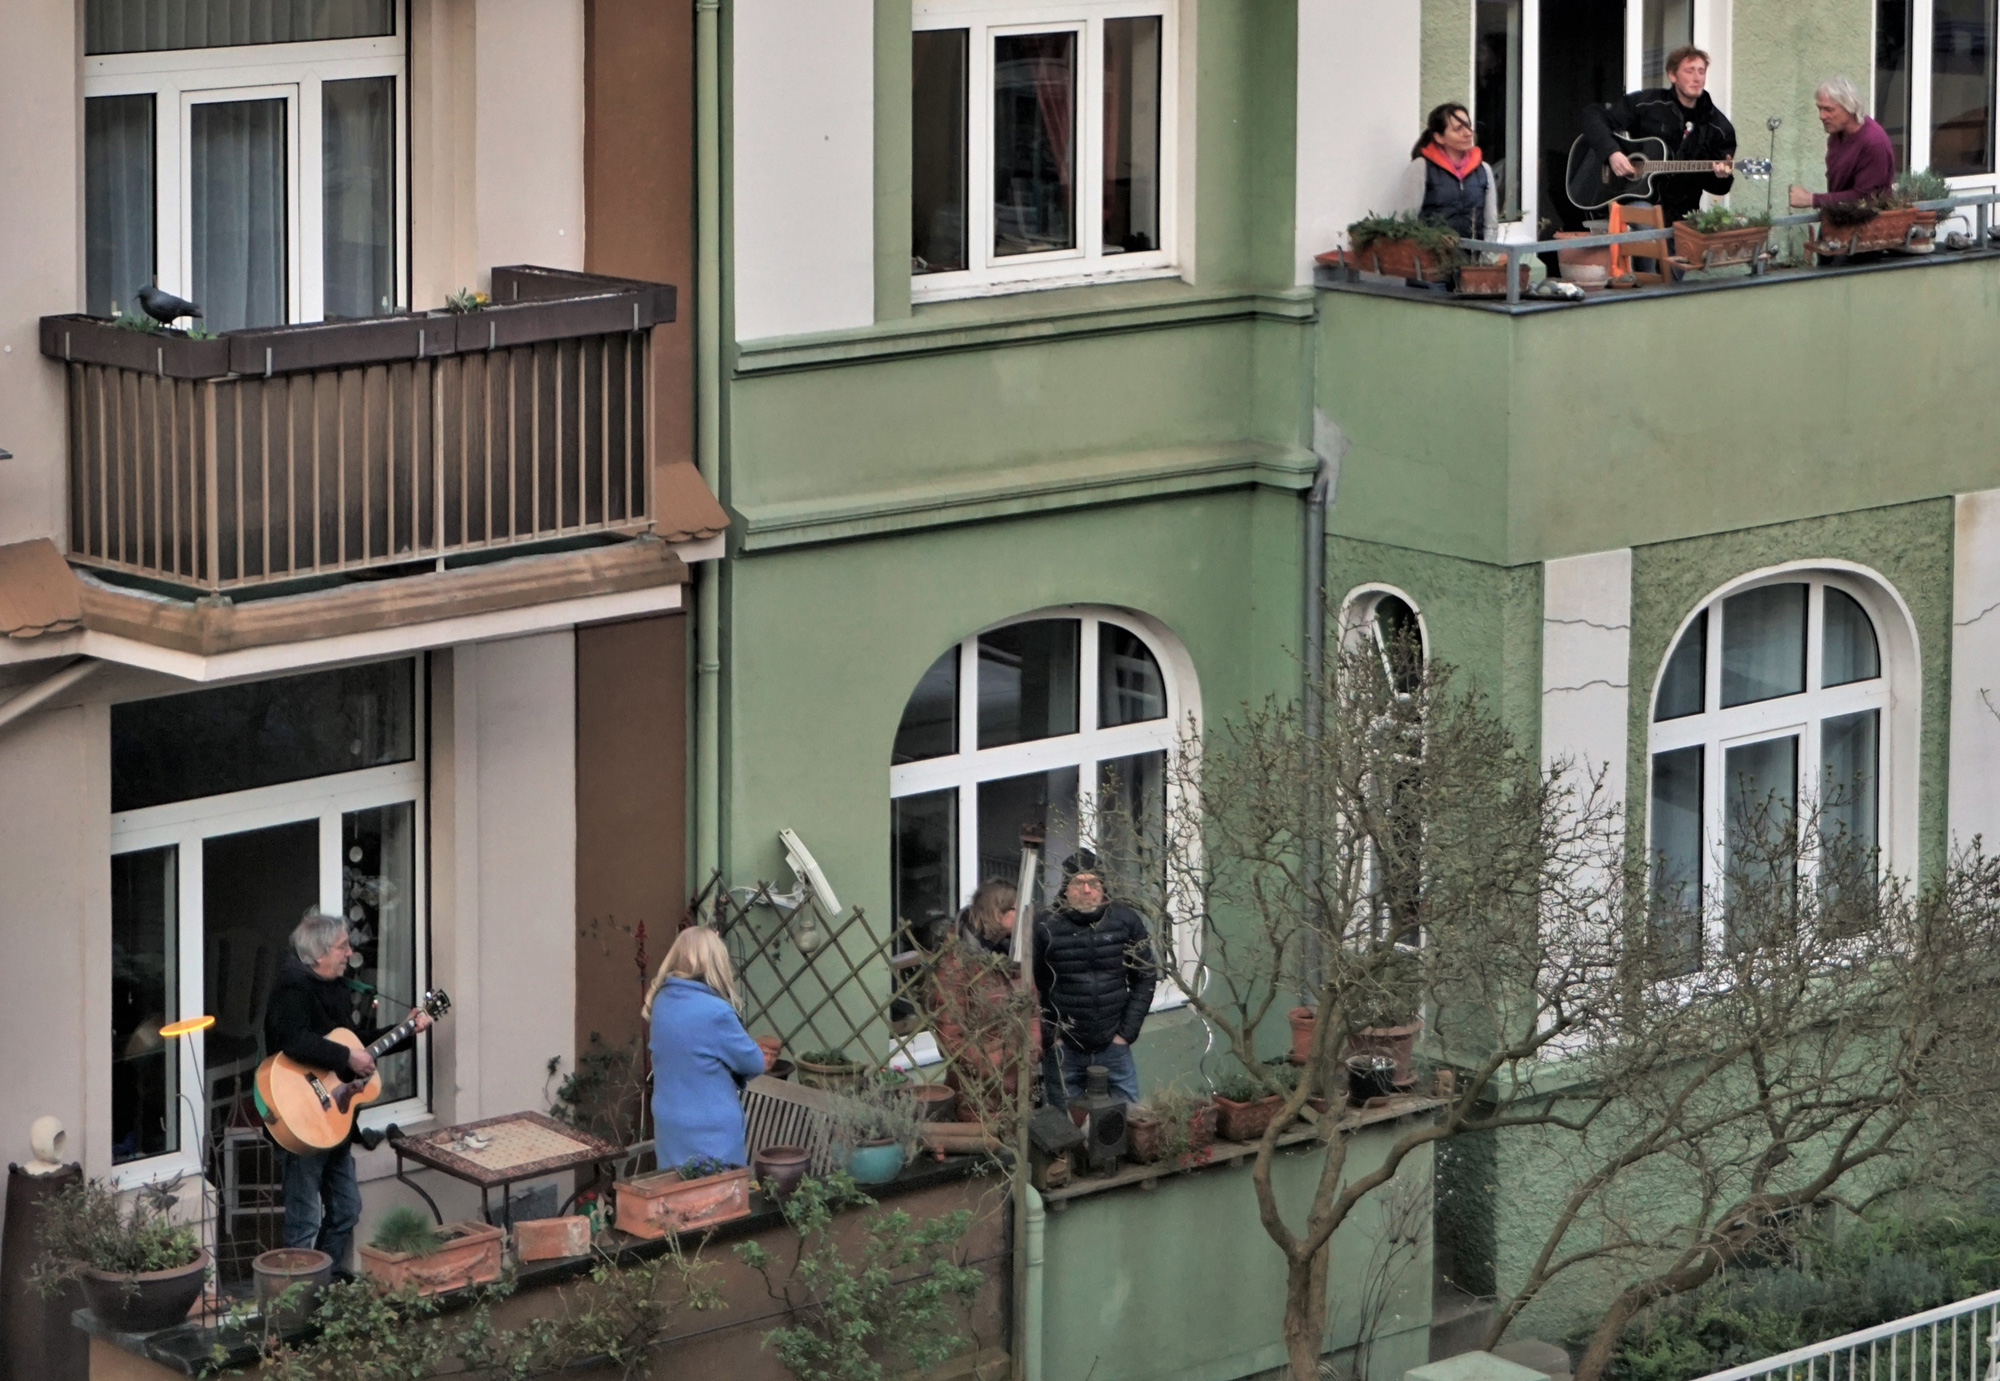 Musizieren in der Nachbarschaft